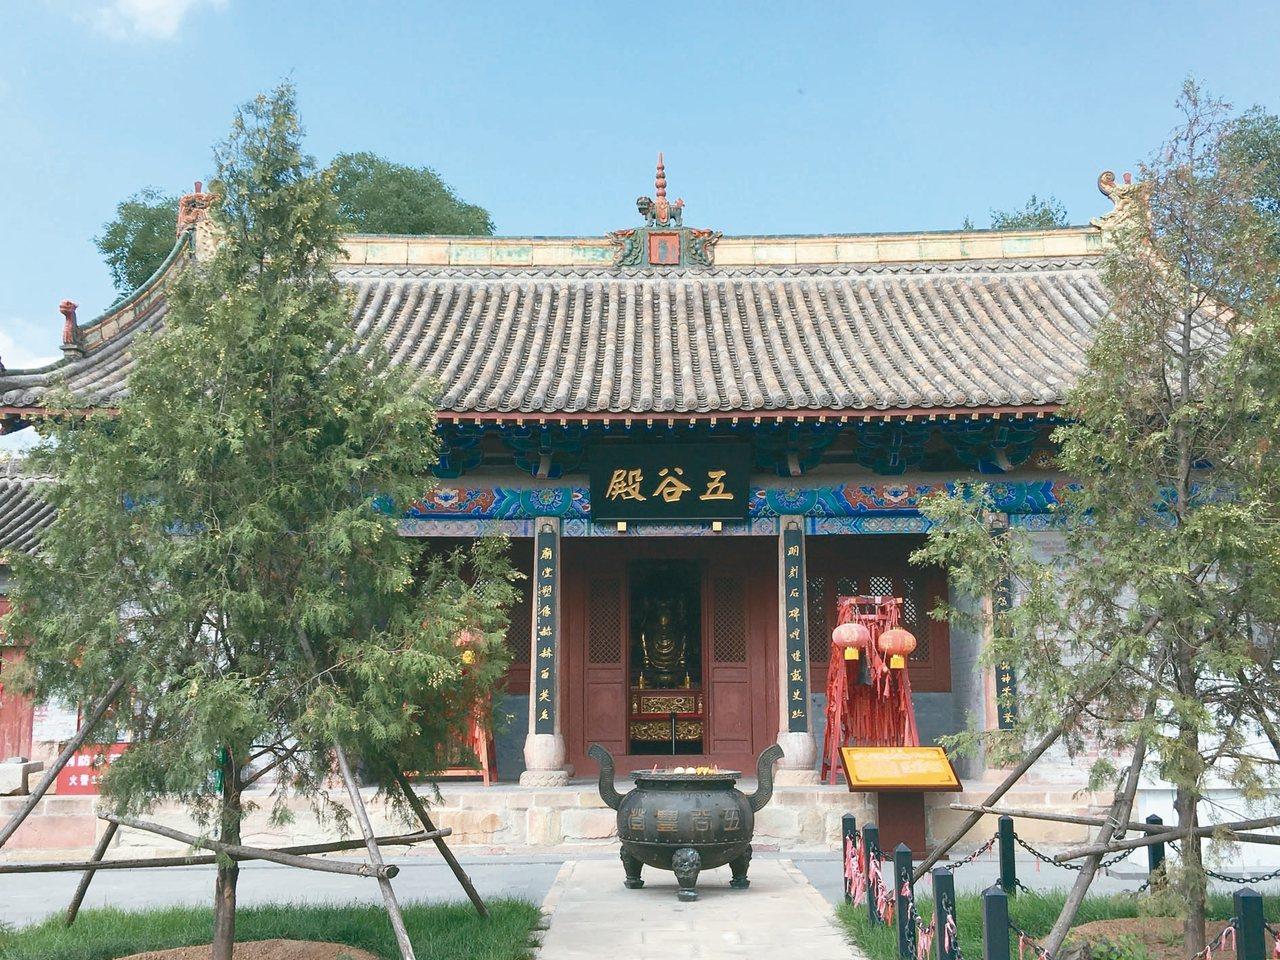 高平炎帝陵,是現今大陸最大祭祀神農炎帝的建築群。上圖為五谷殿,炎帝陵唯一一座保存...